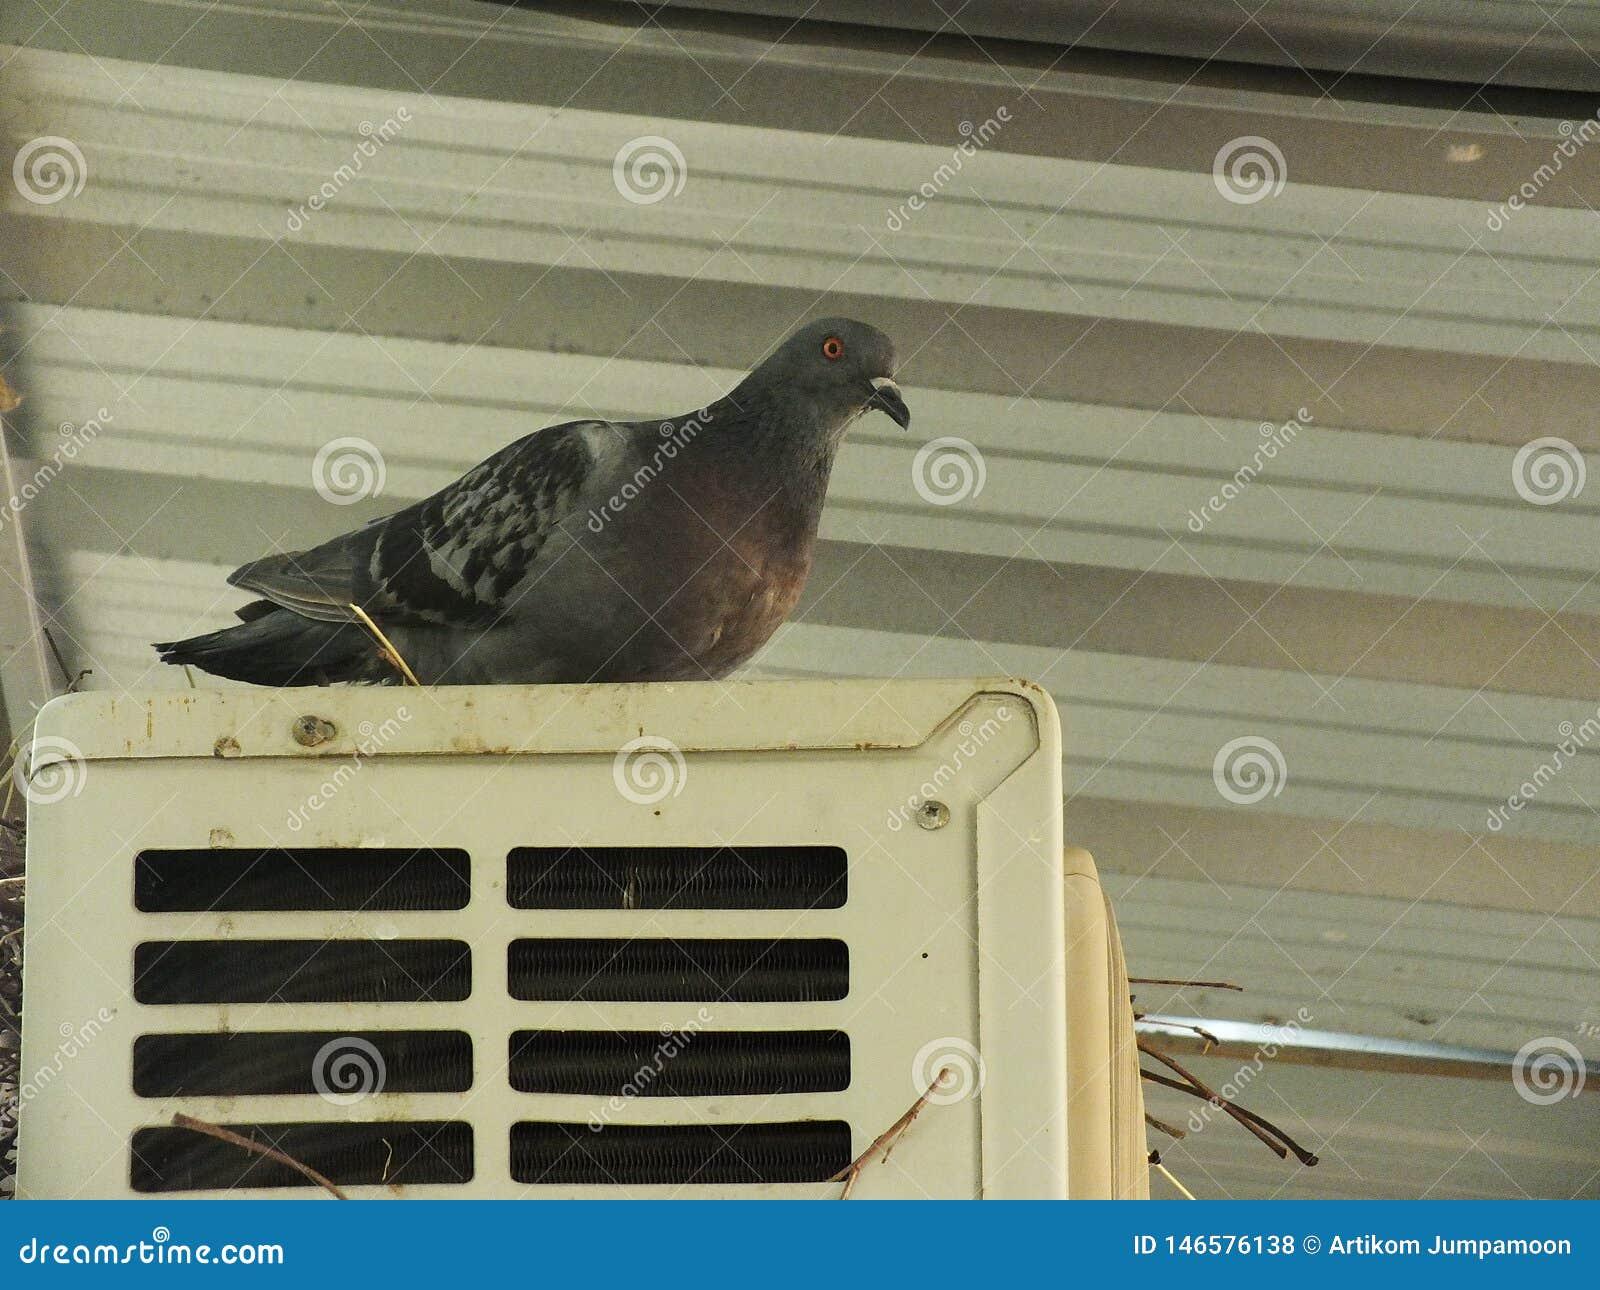 Pombo no balc?o, borda da janela